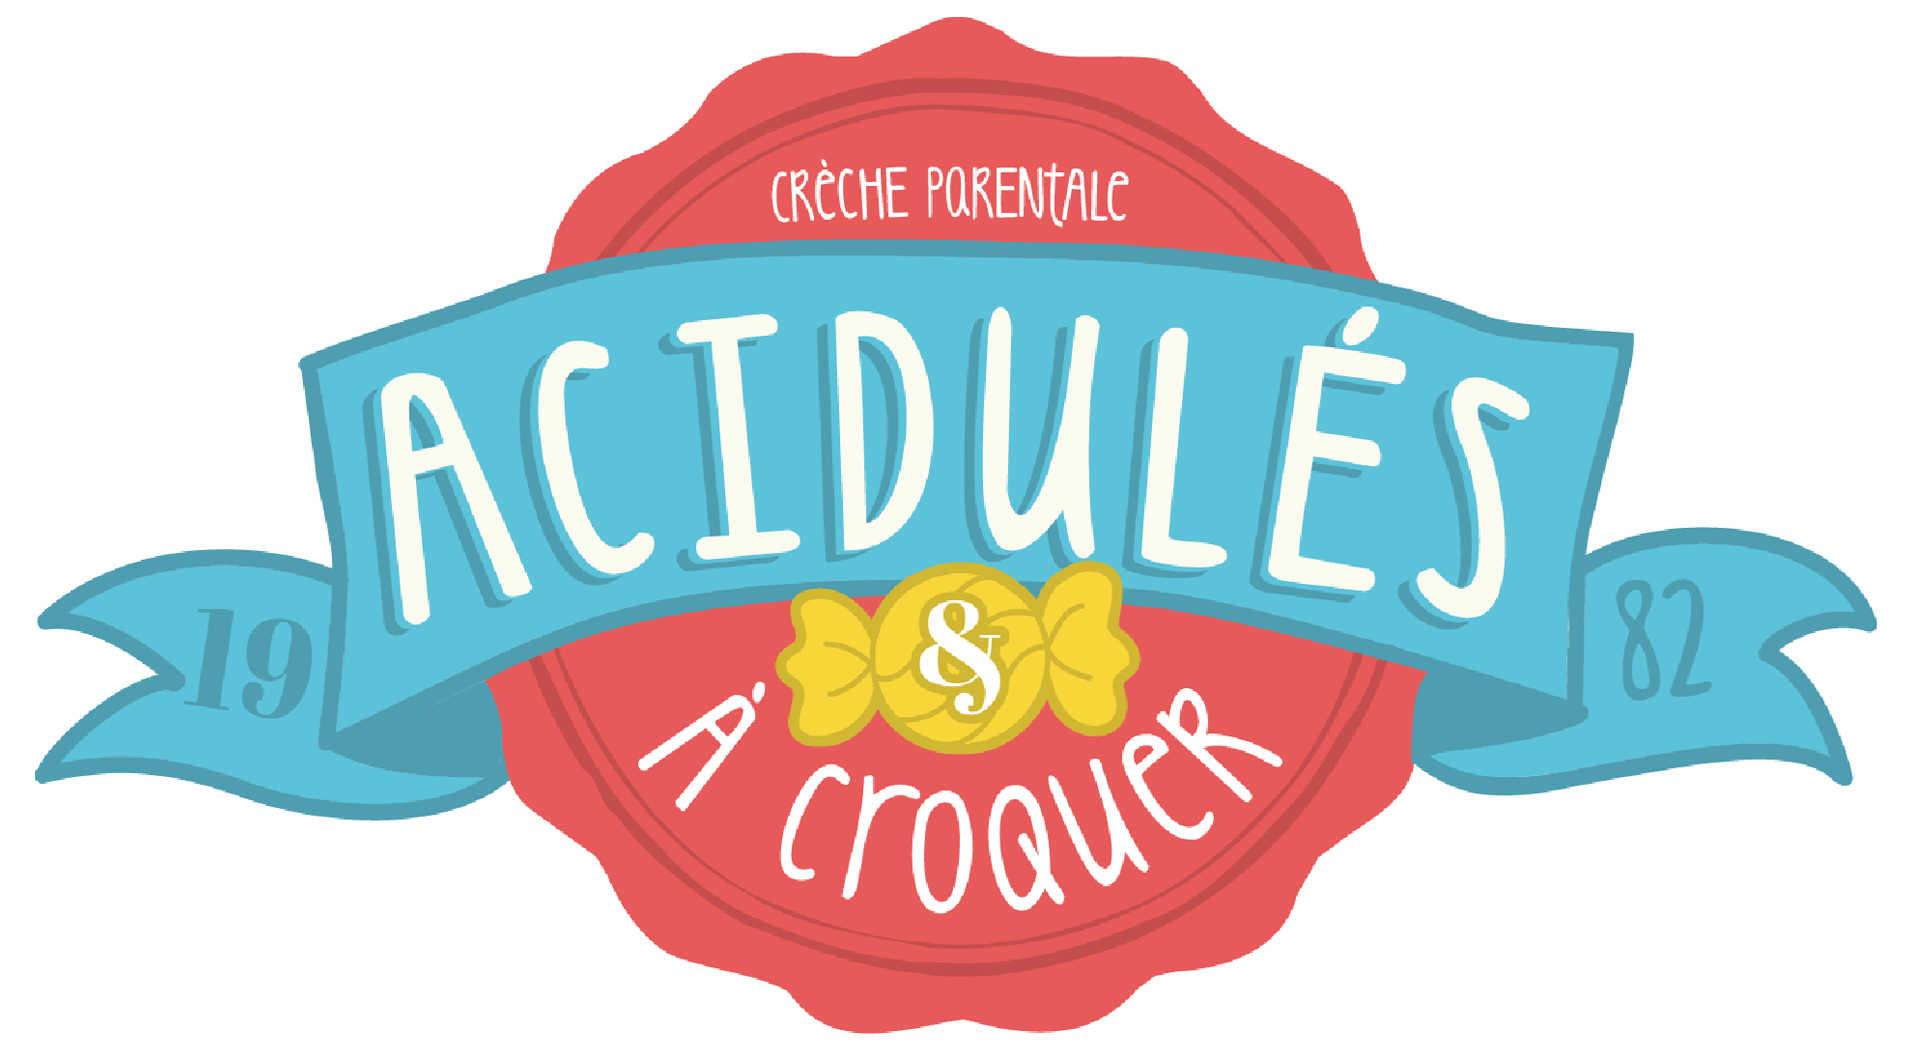 Logo crèche parentale Acidulés à croquer